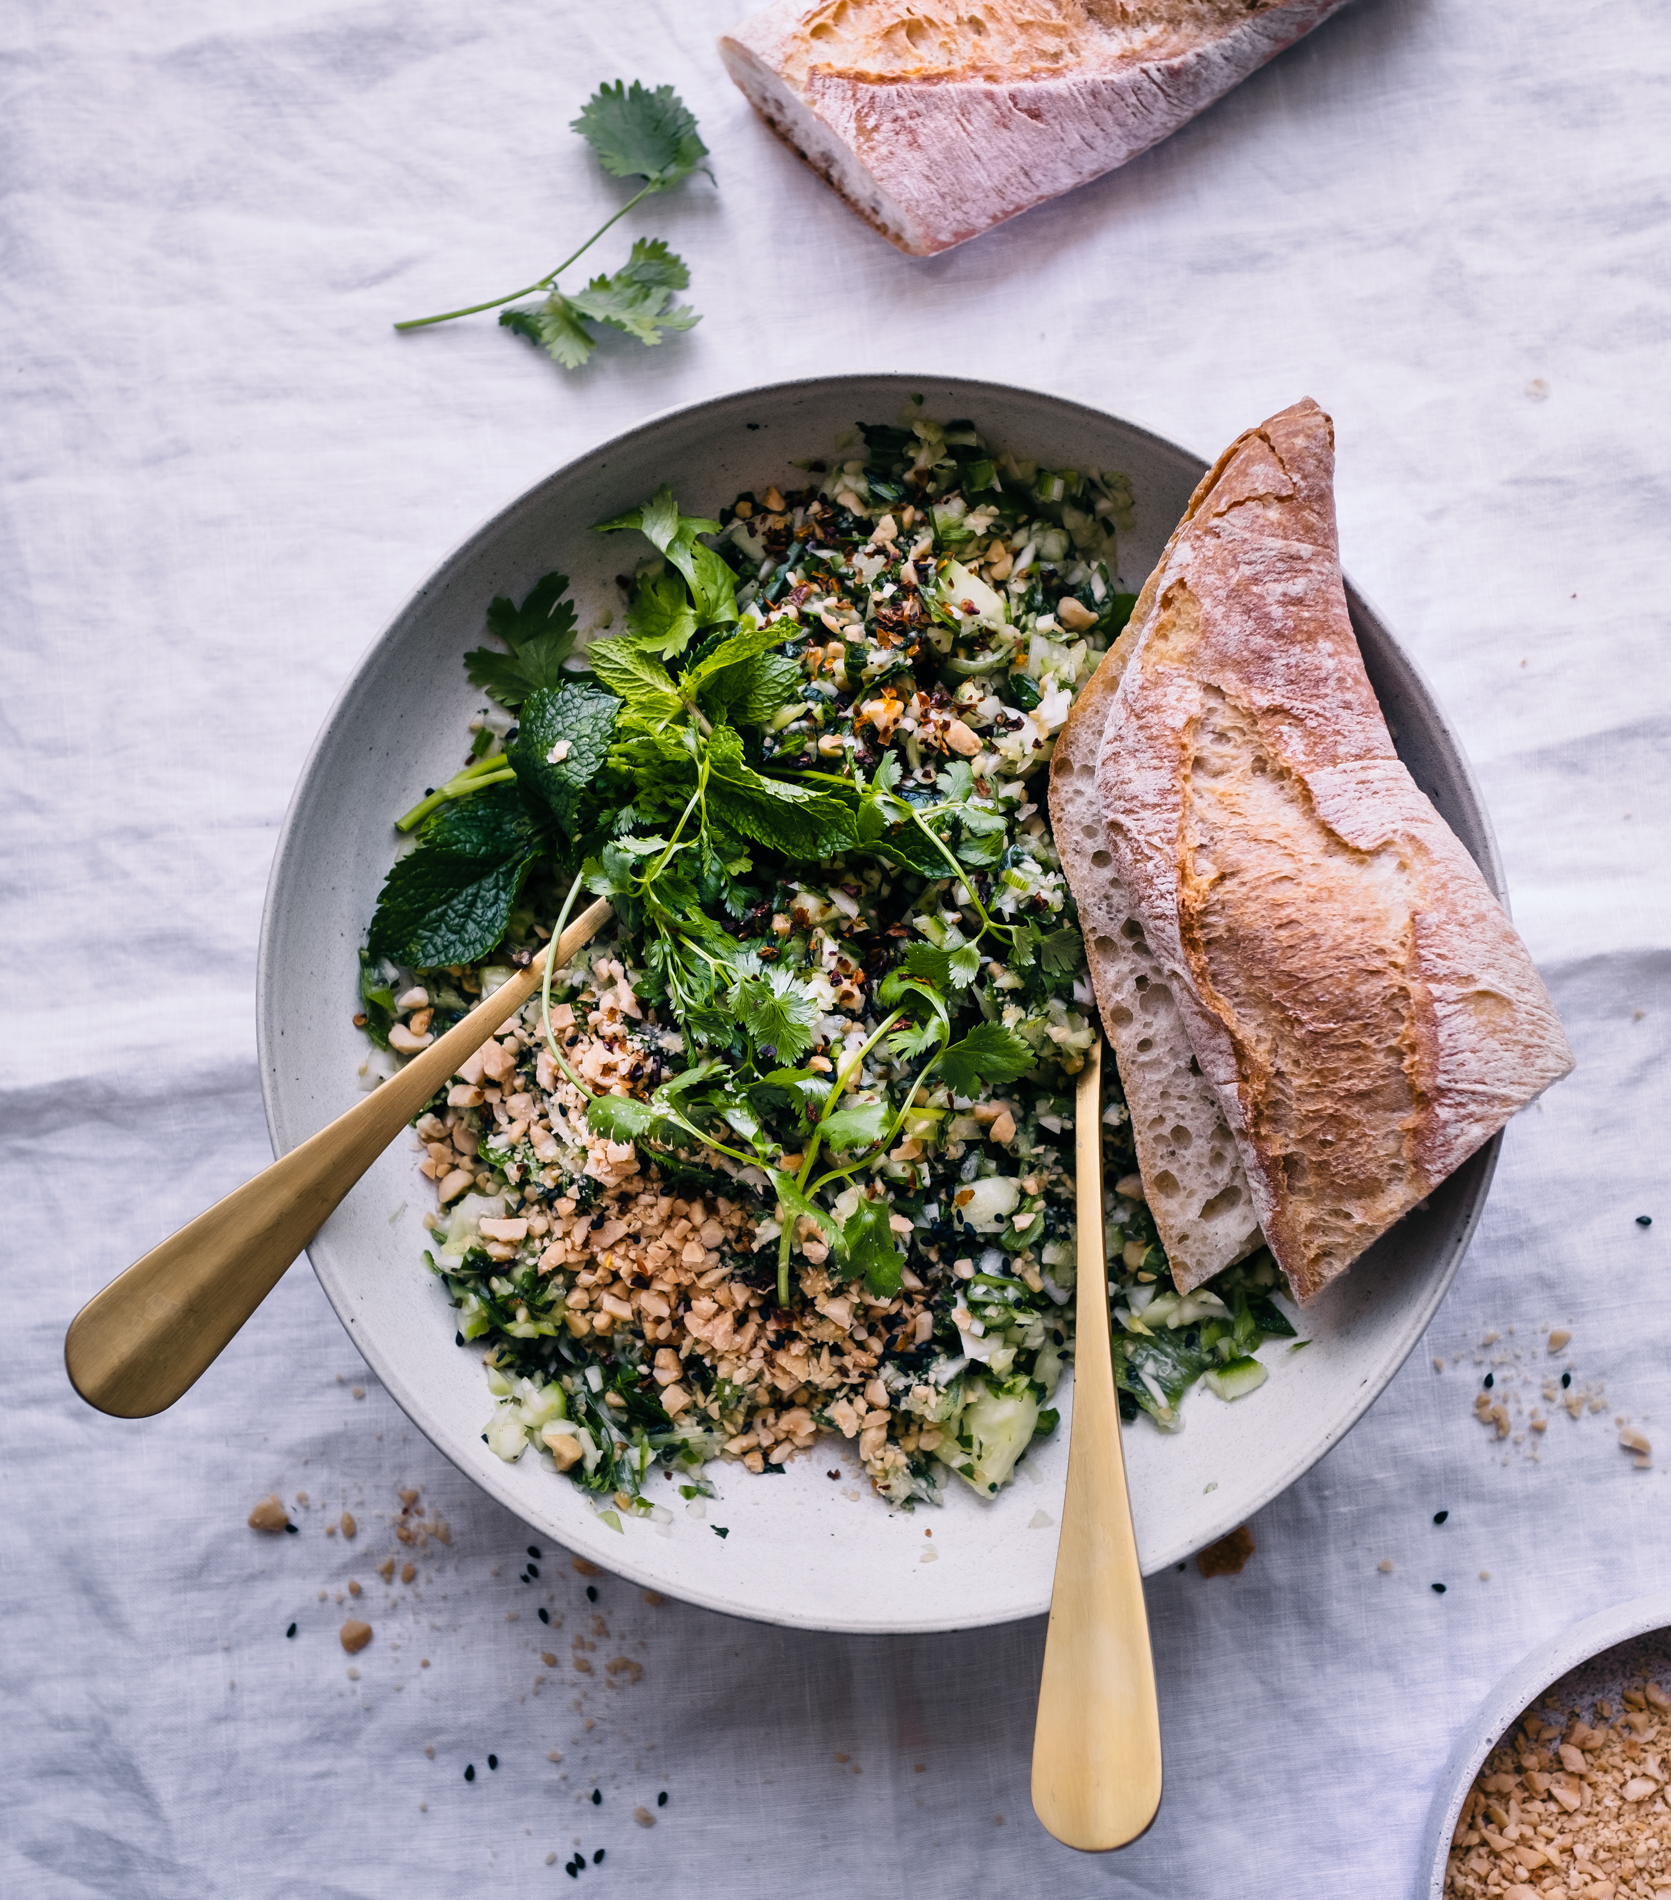 Mags-Frisch-Rezept-Vietnam-Banh-Mi-Salat